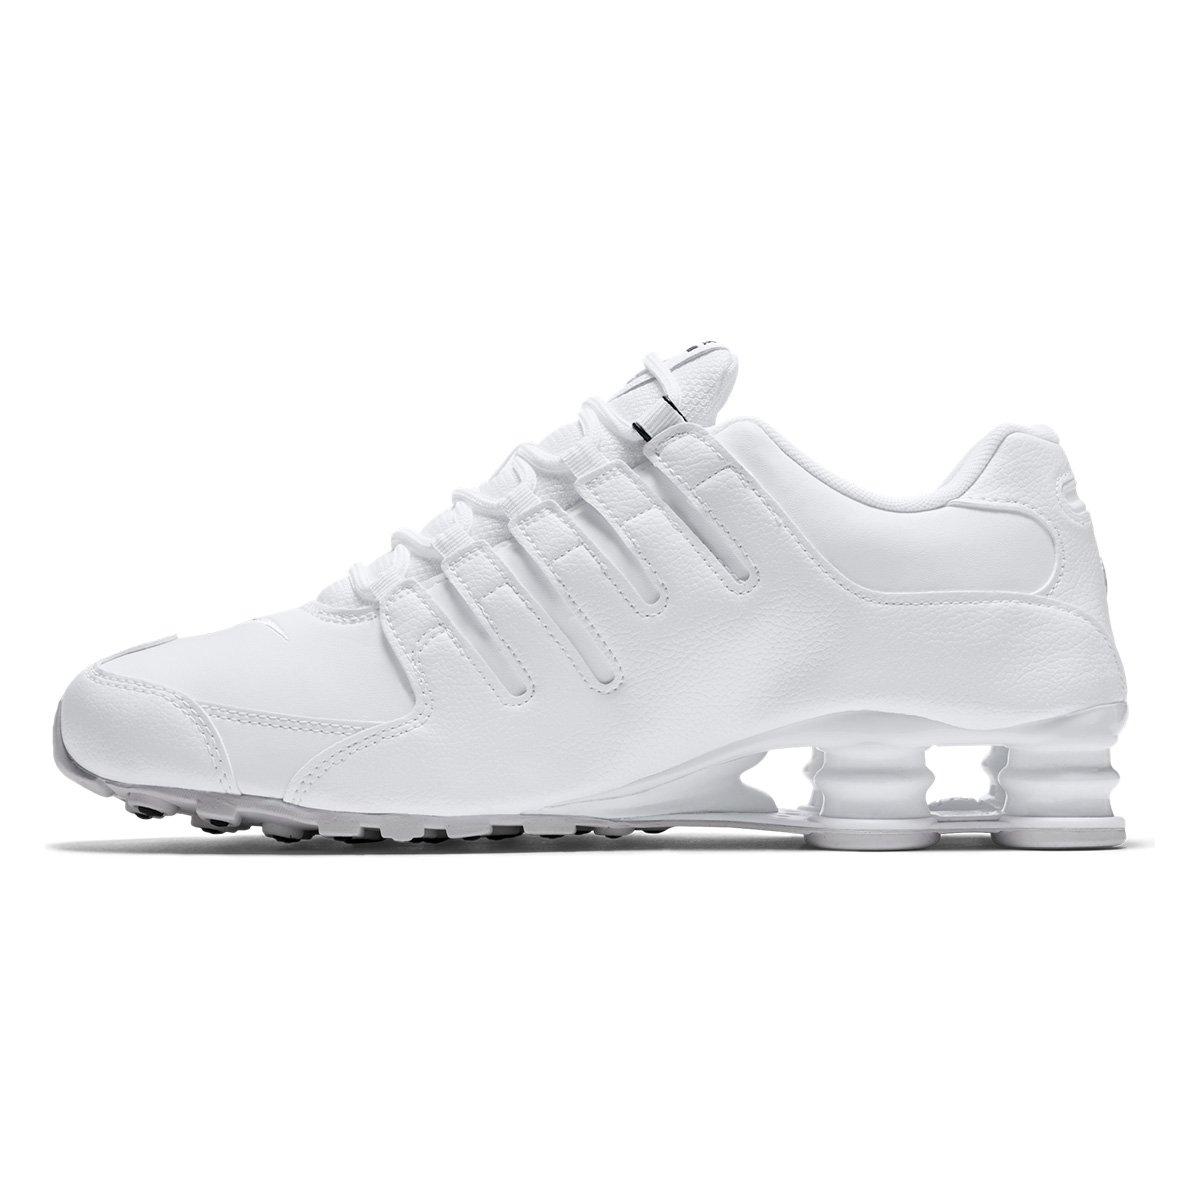 Tênis Nike Shox Nz Eu Masculino - Branco - Compre Agora  246f39a4e2c84